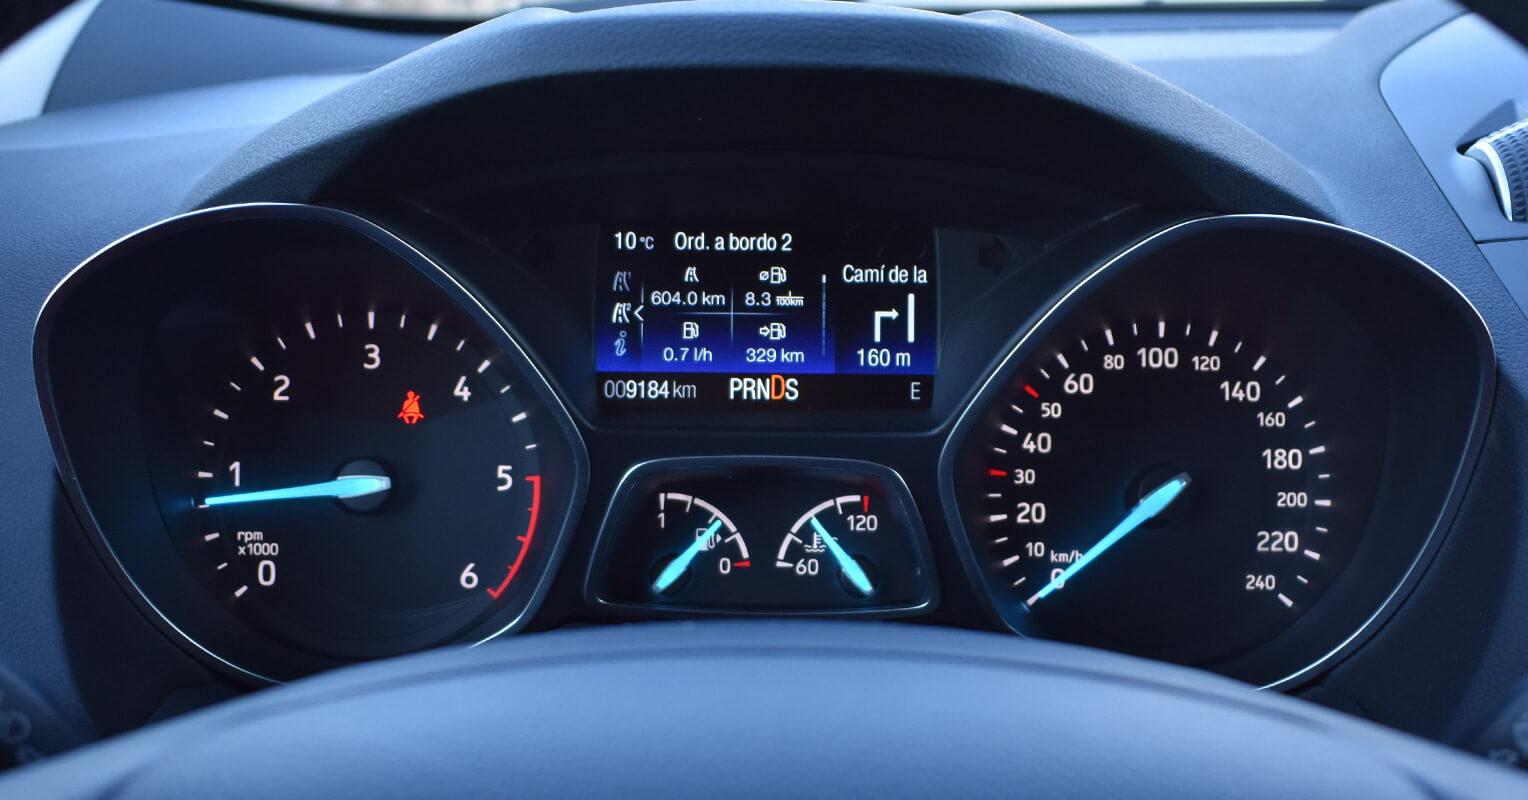 Cuadro de instrumentación Ford Kuga 2018